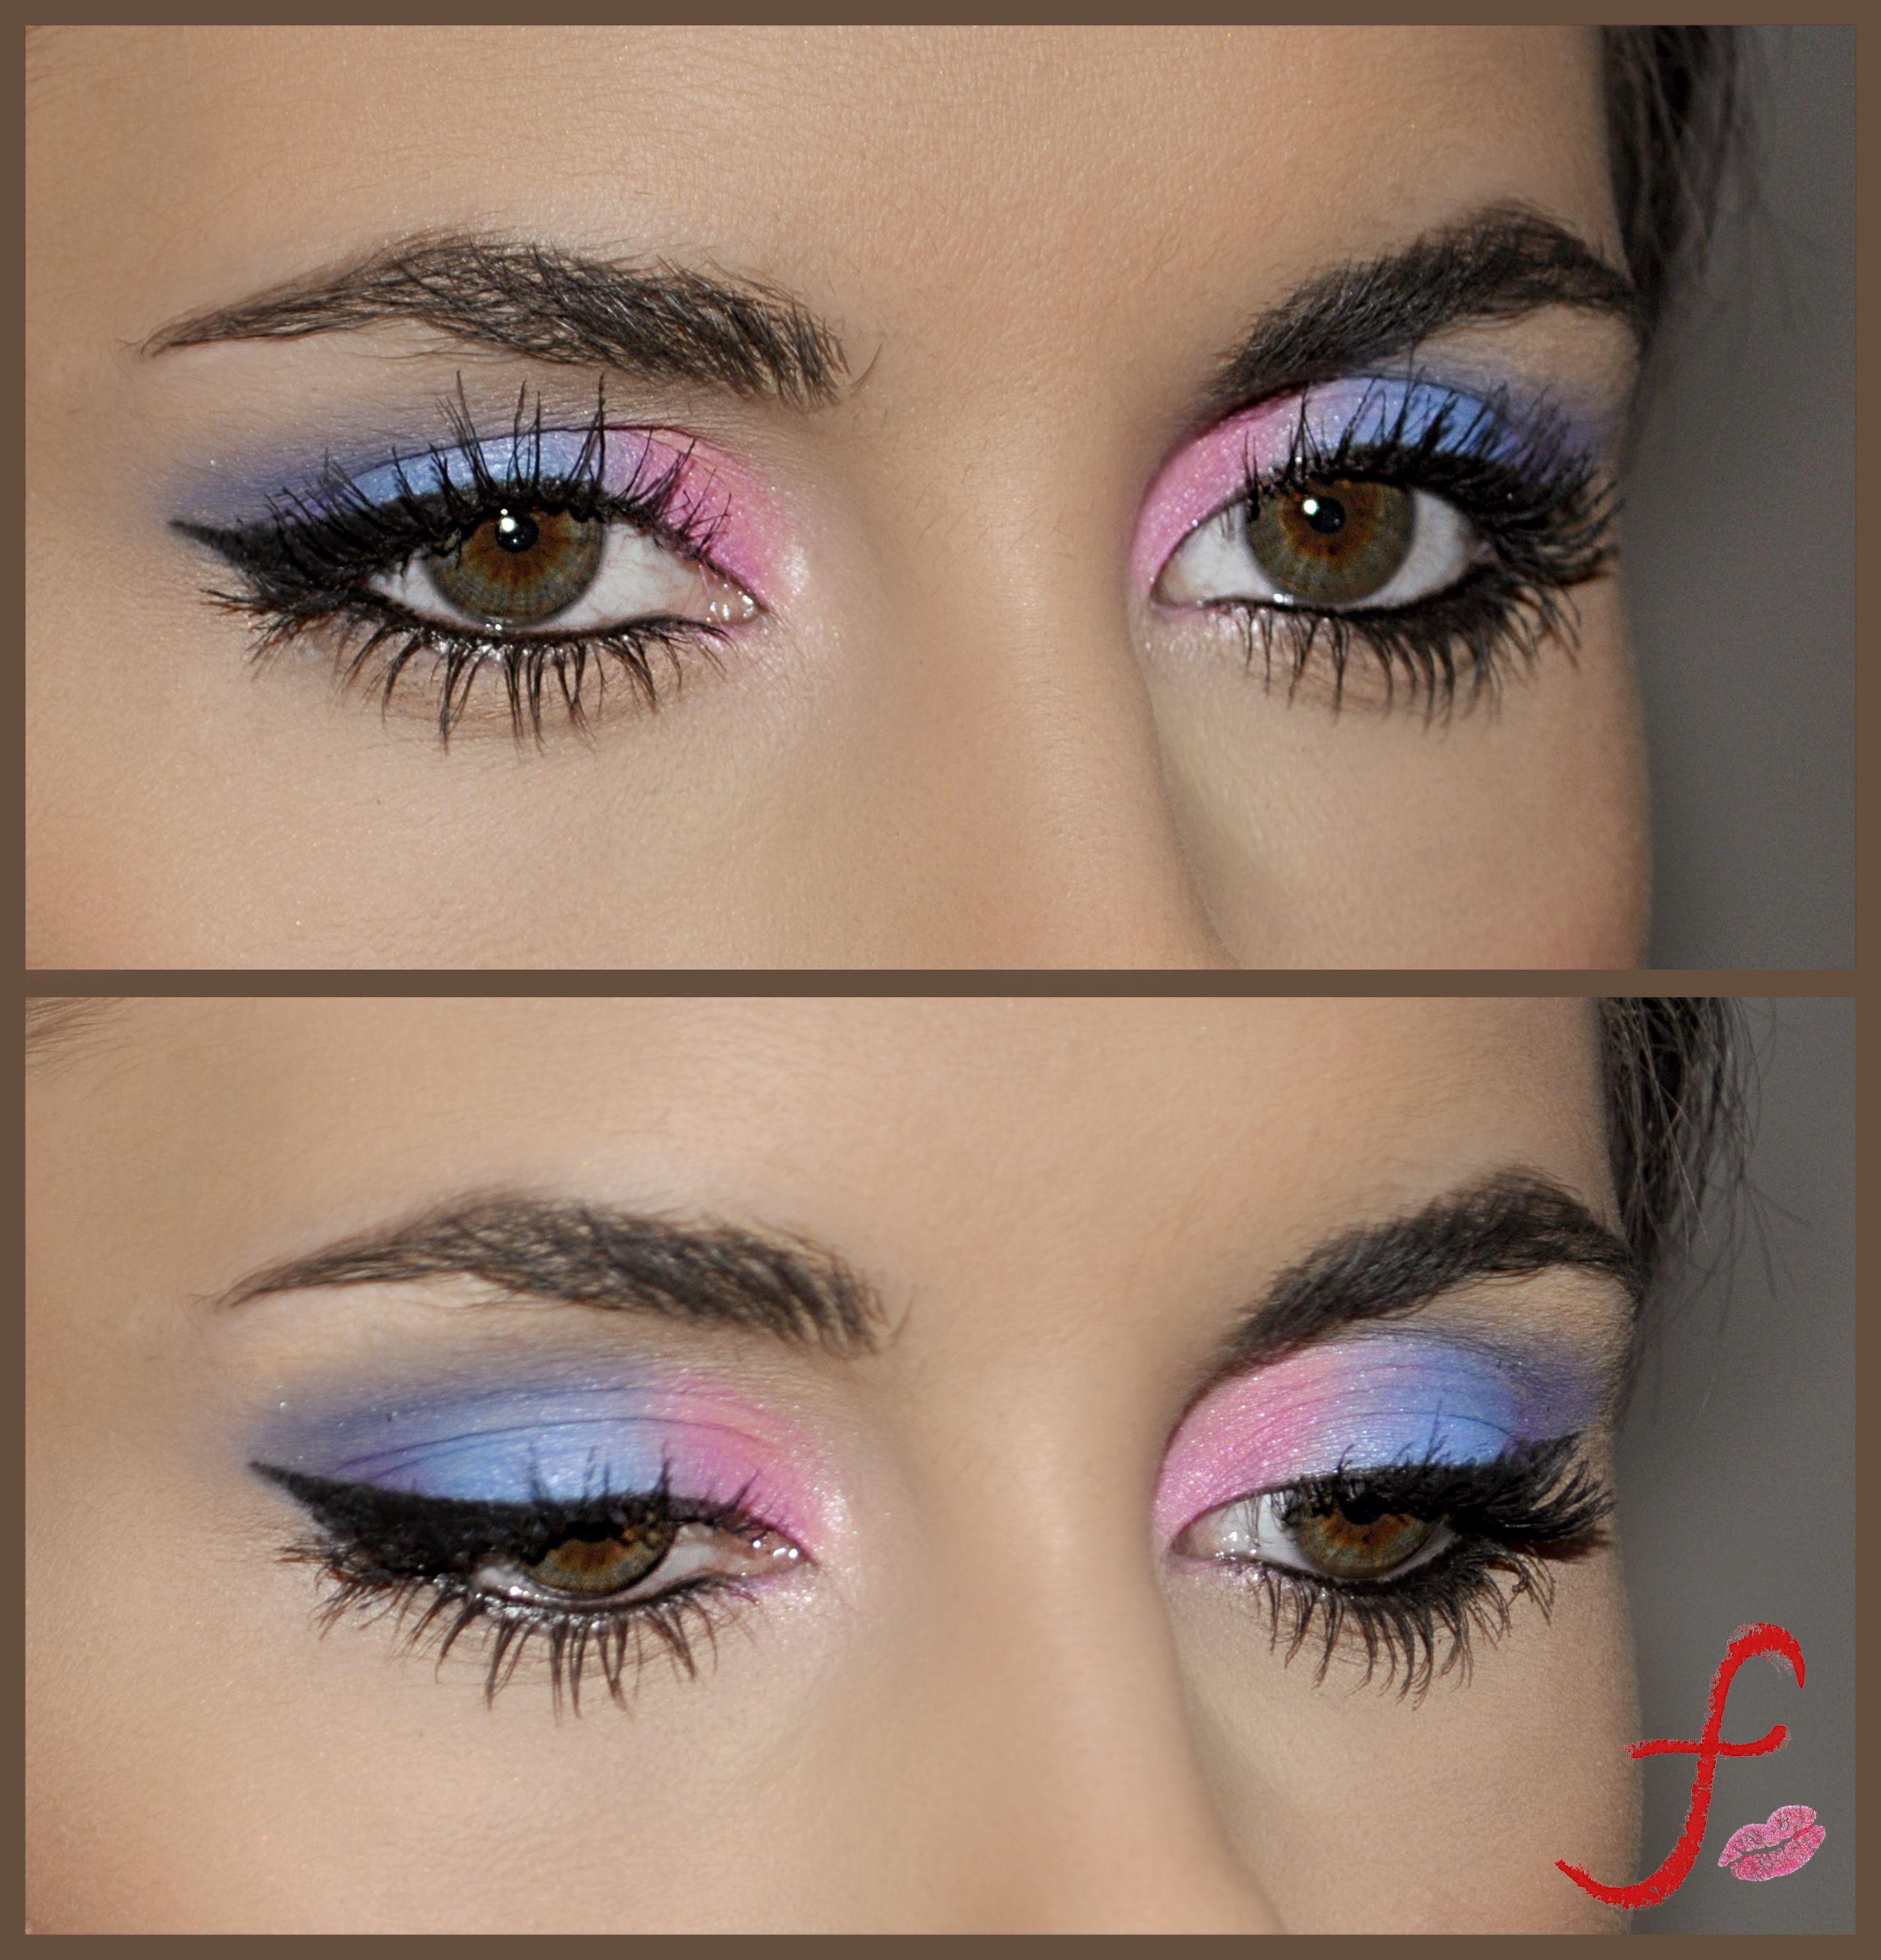 Beautiful Eye Makeup By Florina (Makeup Artist) reminds